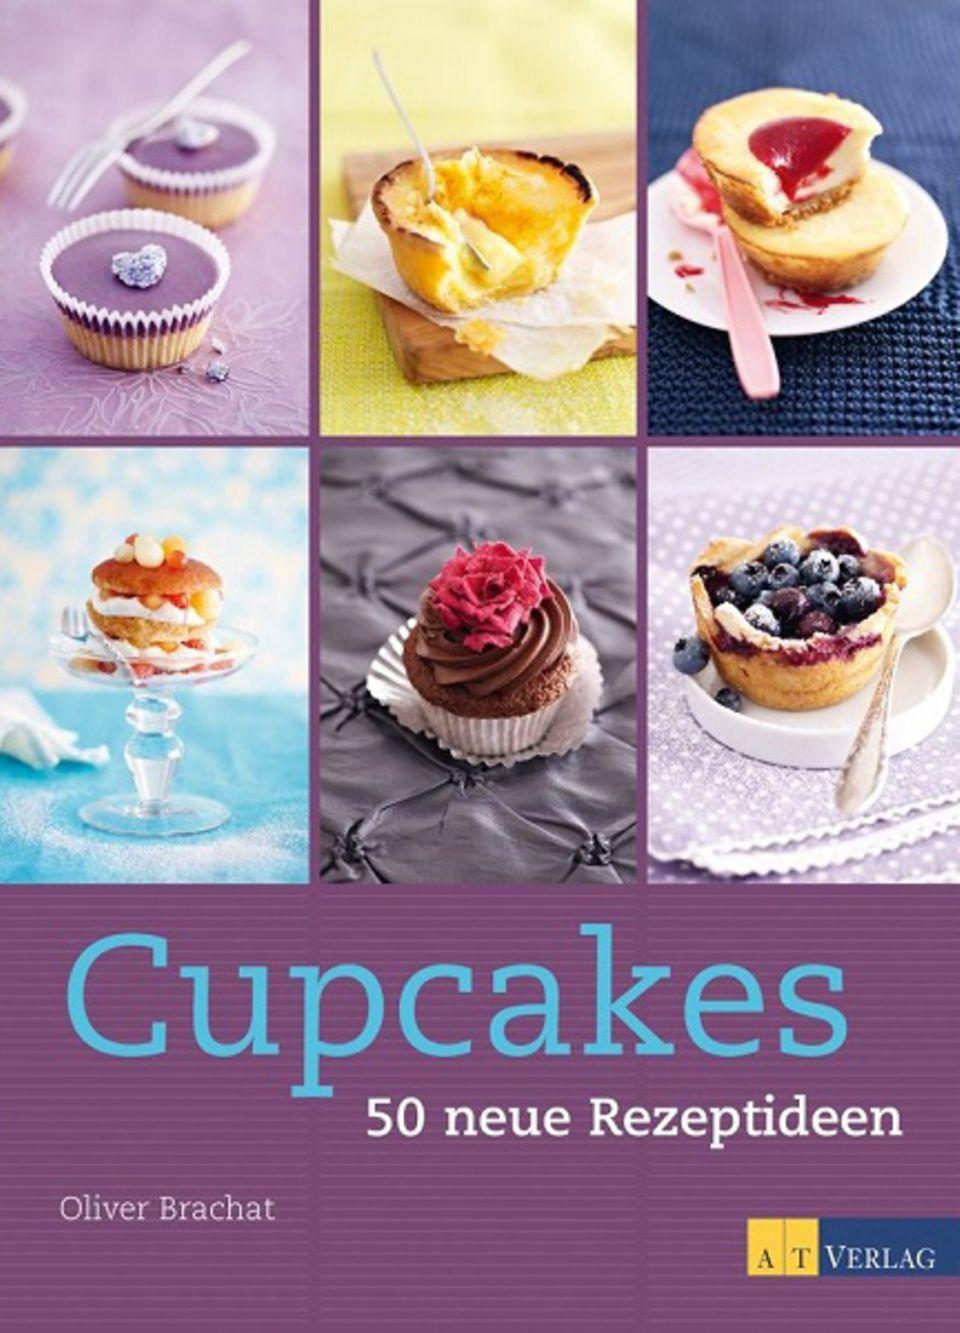 Cupcakes passen immer. Besonders wenn sie so liebevoll und vielseitig zubereitet werden wie vom Food-Fotografen und gelernten Ko